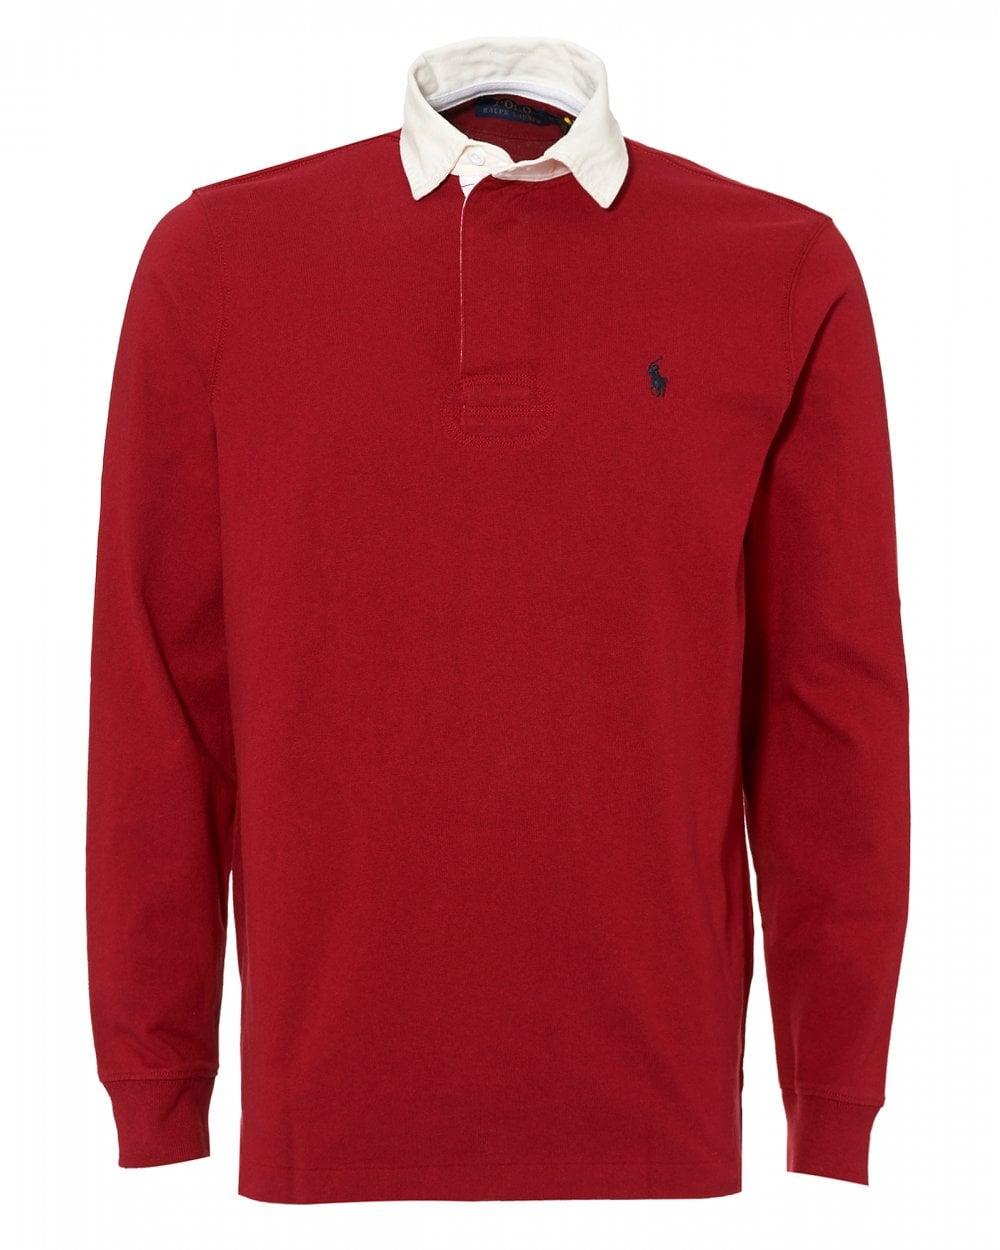 cd23d44a87e Ralph Lauren Mens Rugby Shirt, Cotton Jersey Eaton Red Polo